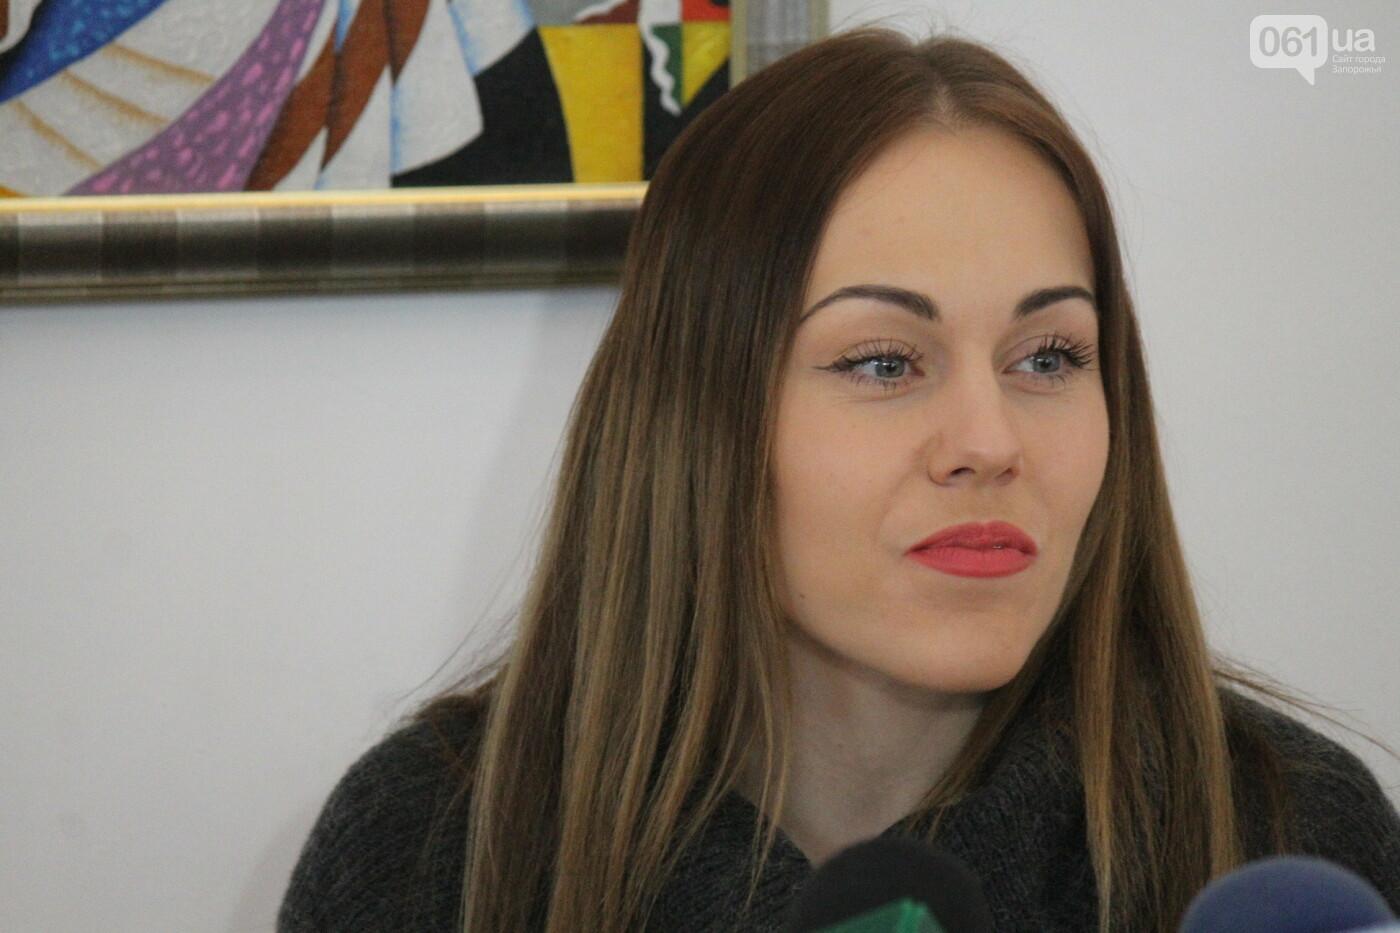 Перед концертом в родном Запорожье певица Alyosha провела автограф-сессию, – ФОТОРЕПОРТАЖ, фото-10